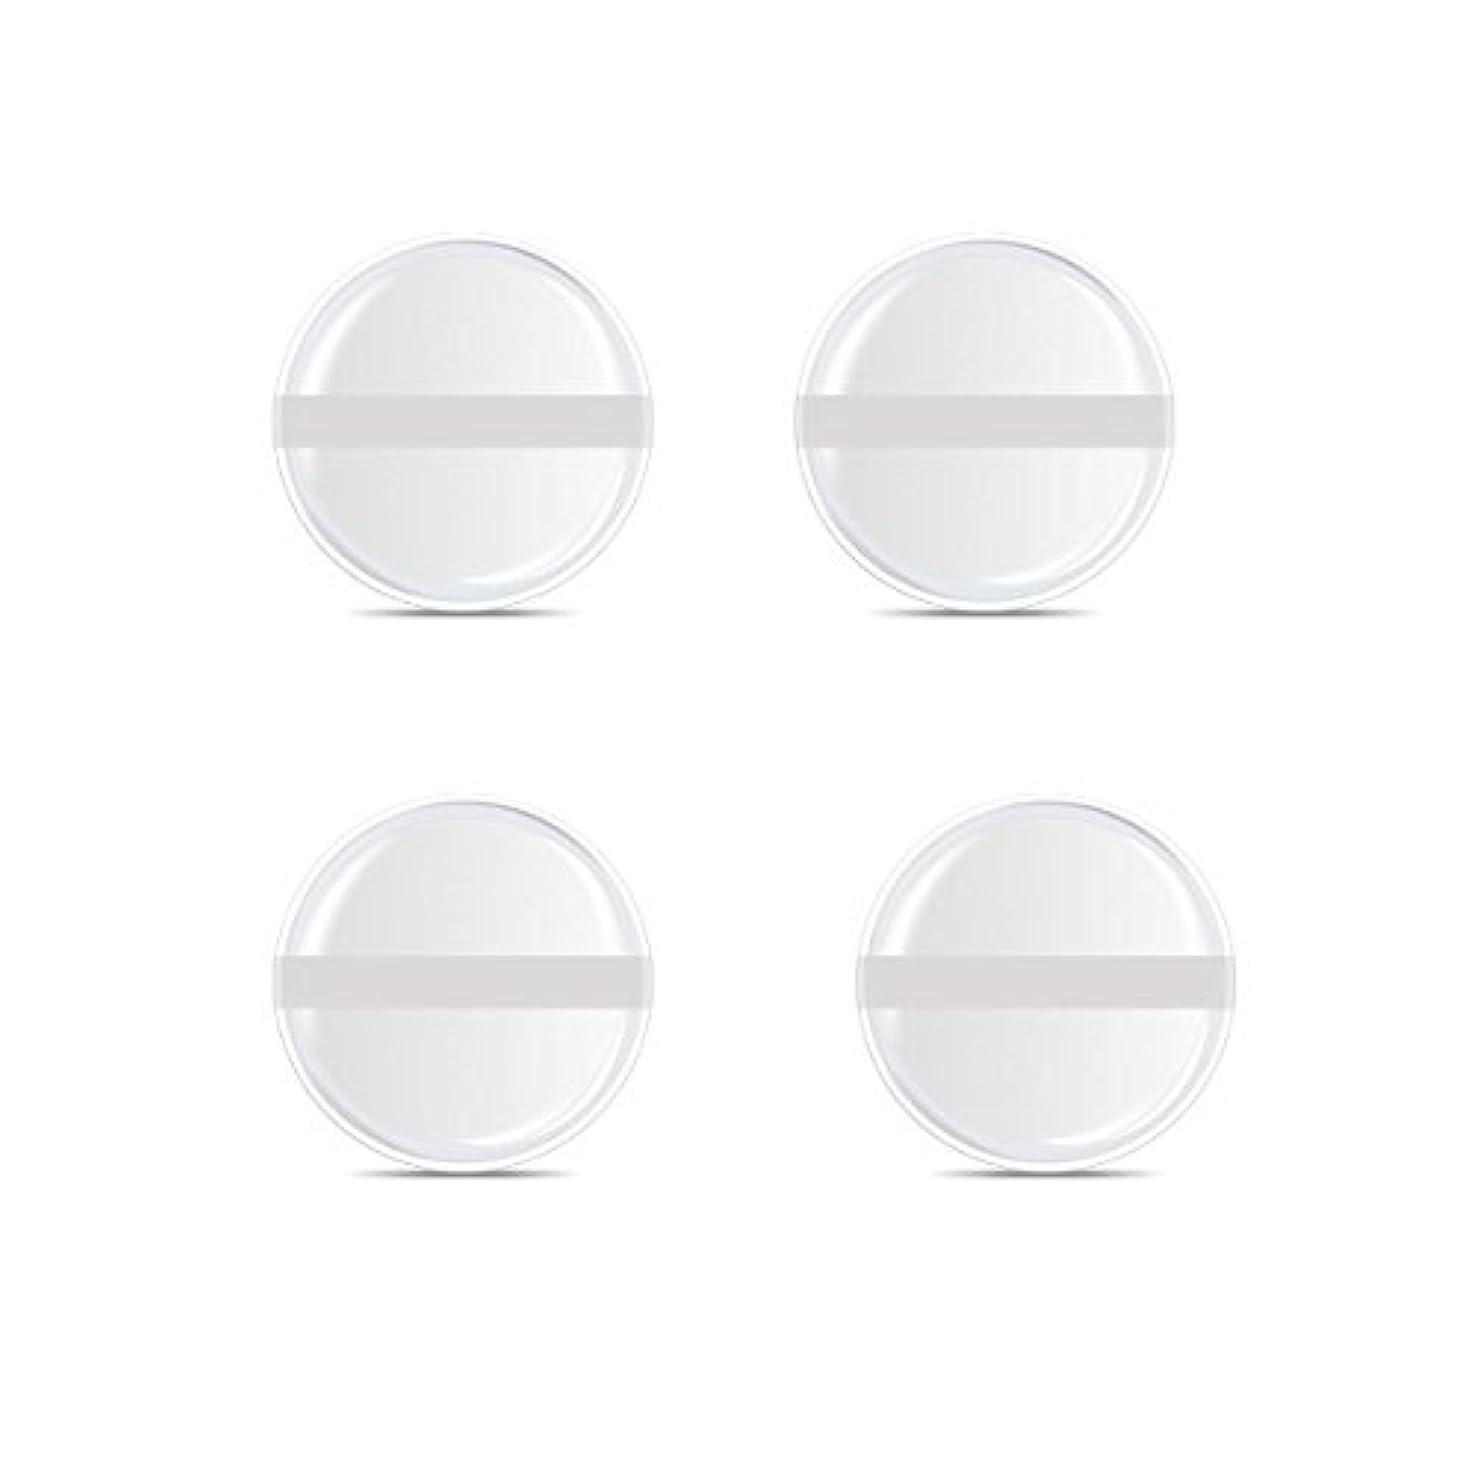 かどうかもっともらしい振るシリコンパフ 帯付き メイクスポンジ ゲルパフ ゼリーパフ 清潔しやすい衛生 柔らかく 透明な 4枚入 (円形 4入り)